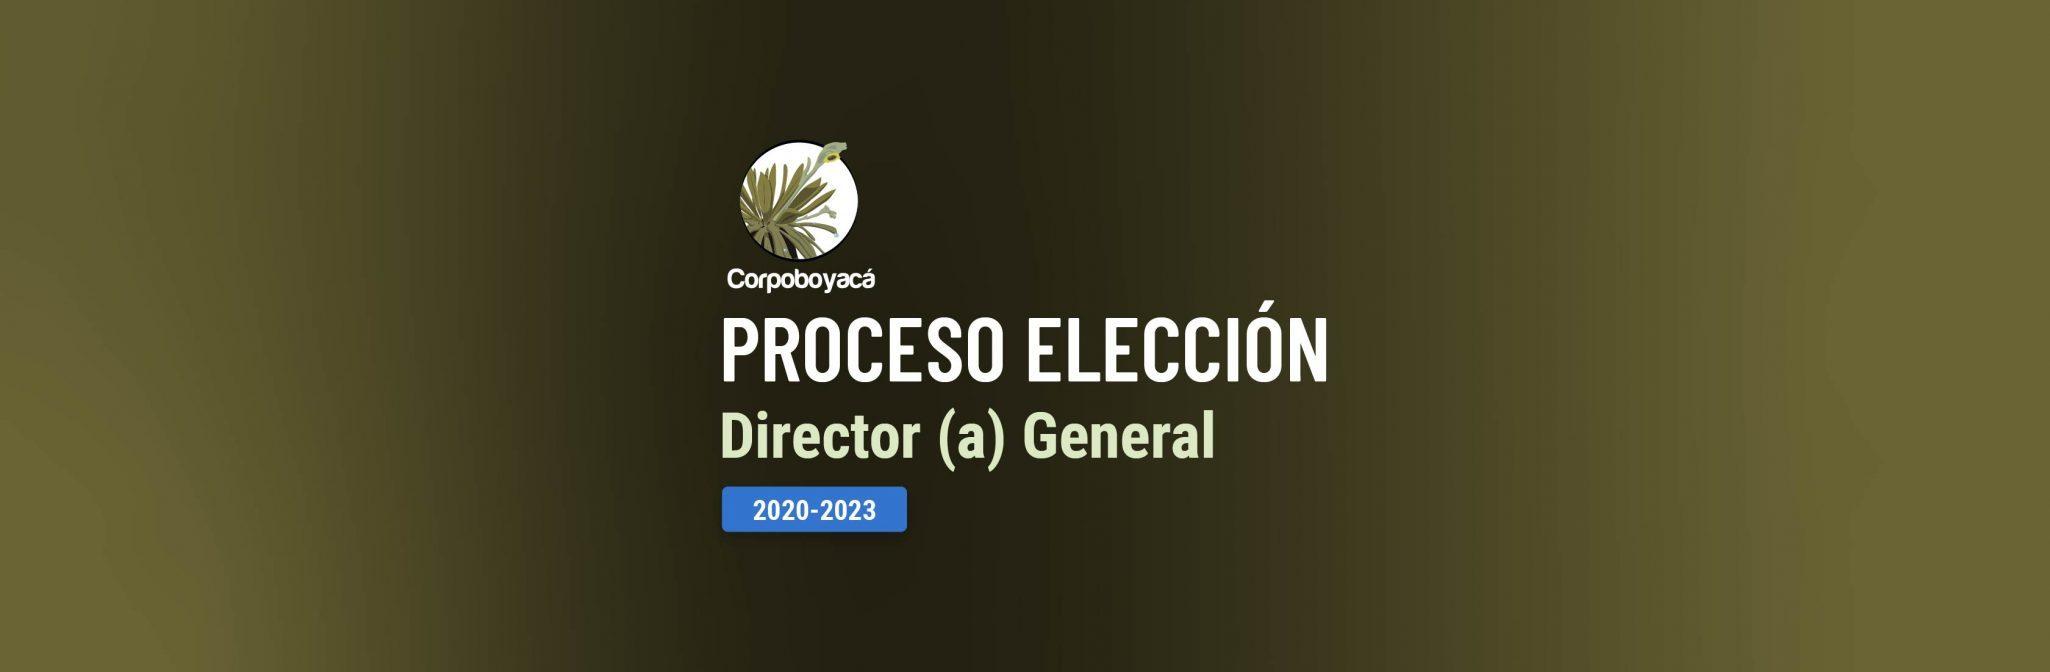 Foto Proceso de elección Director General de Corpoboyacá